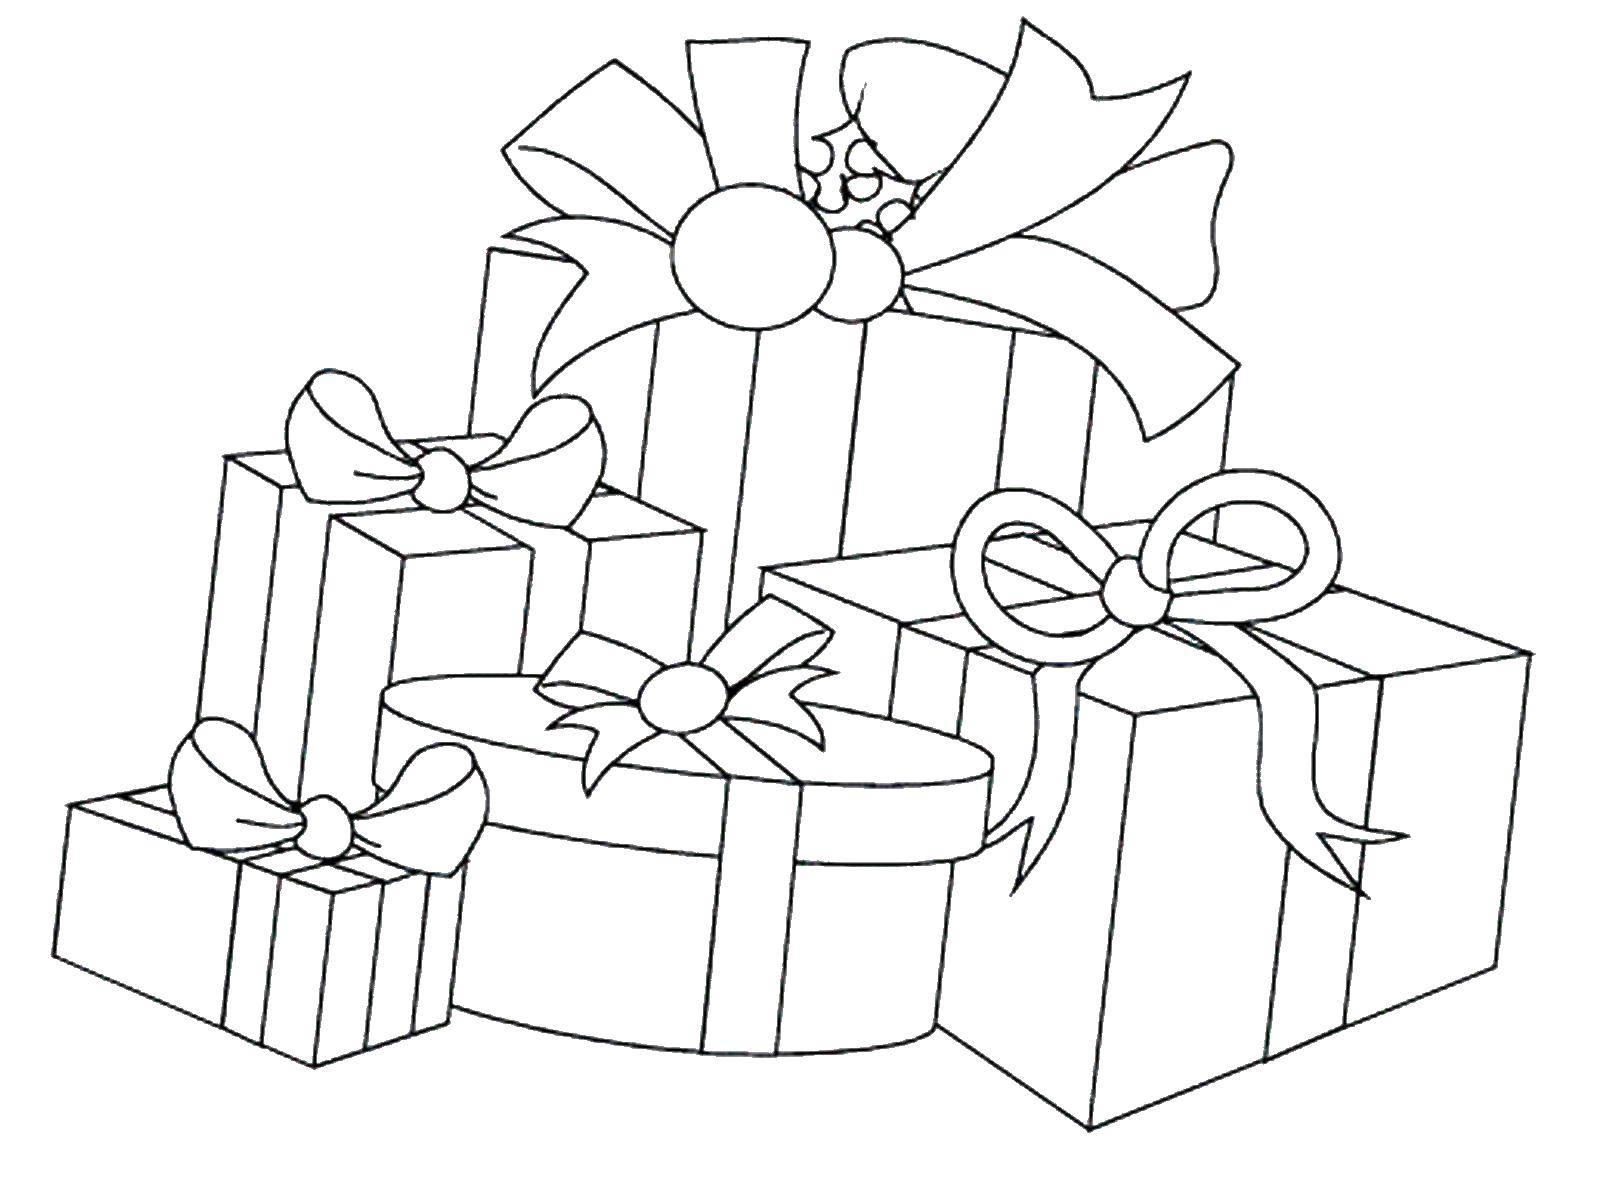 Раскраска Коробки с новогодними подарками. Скачать подарки.  Распечатать ,снег,